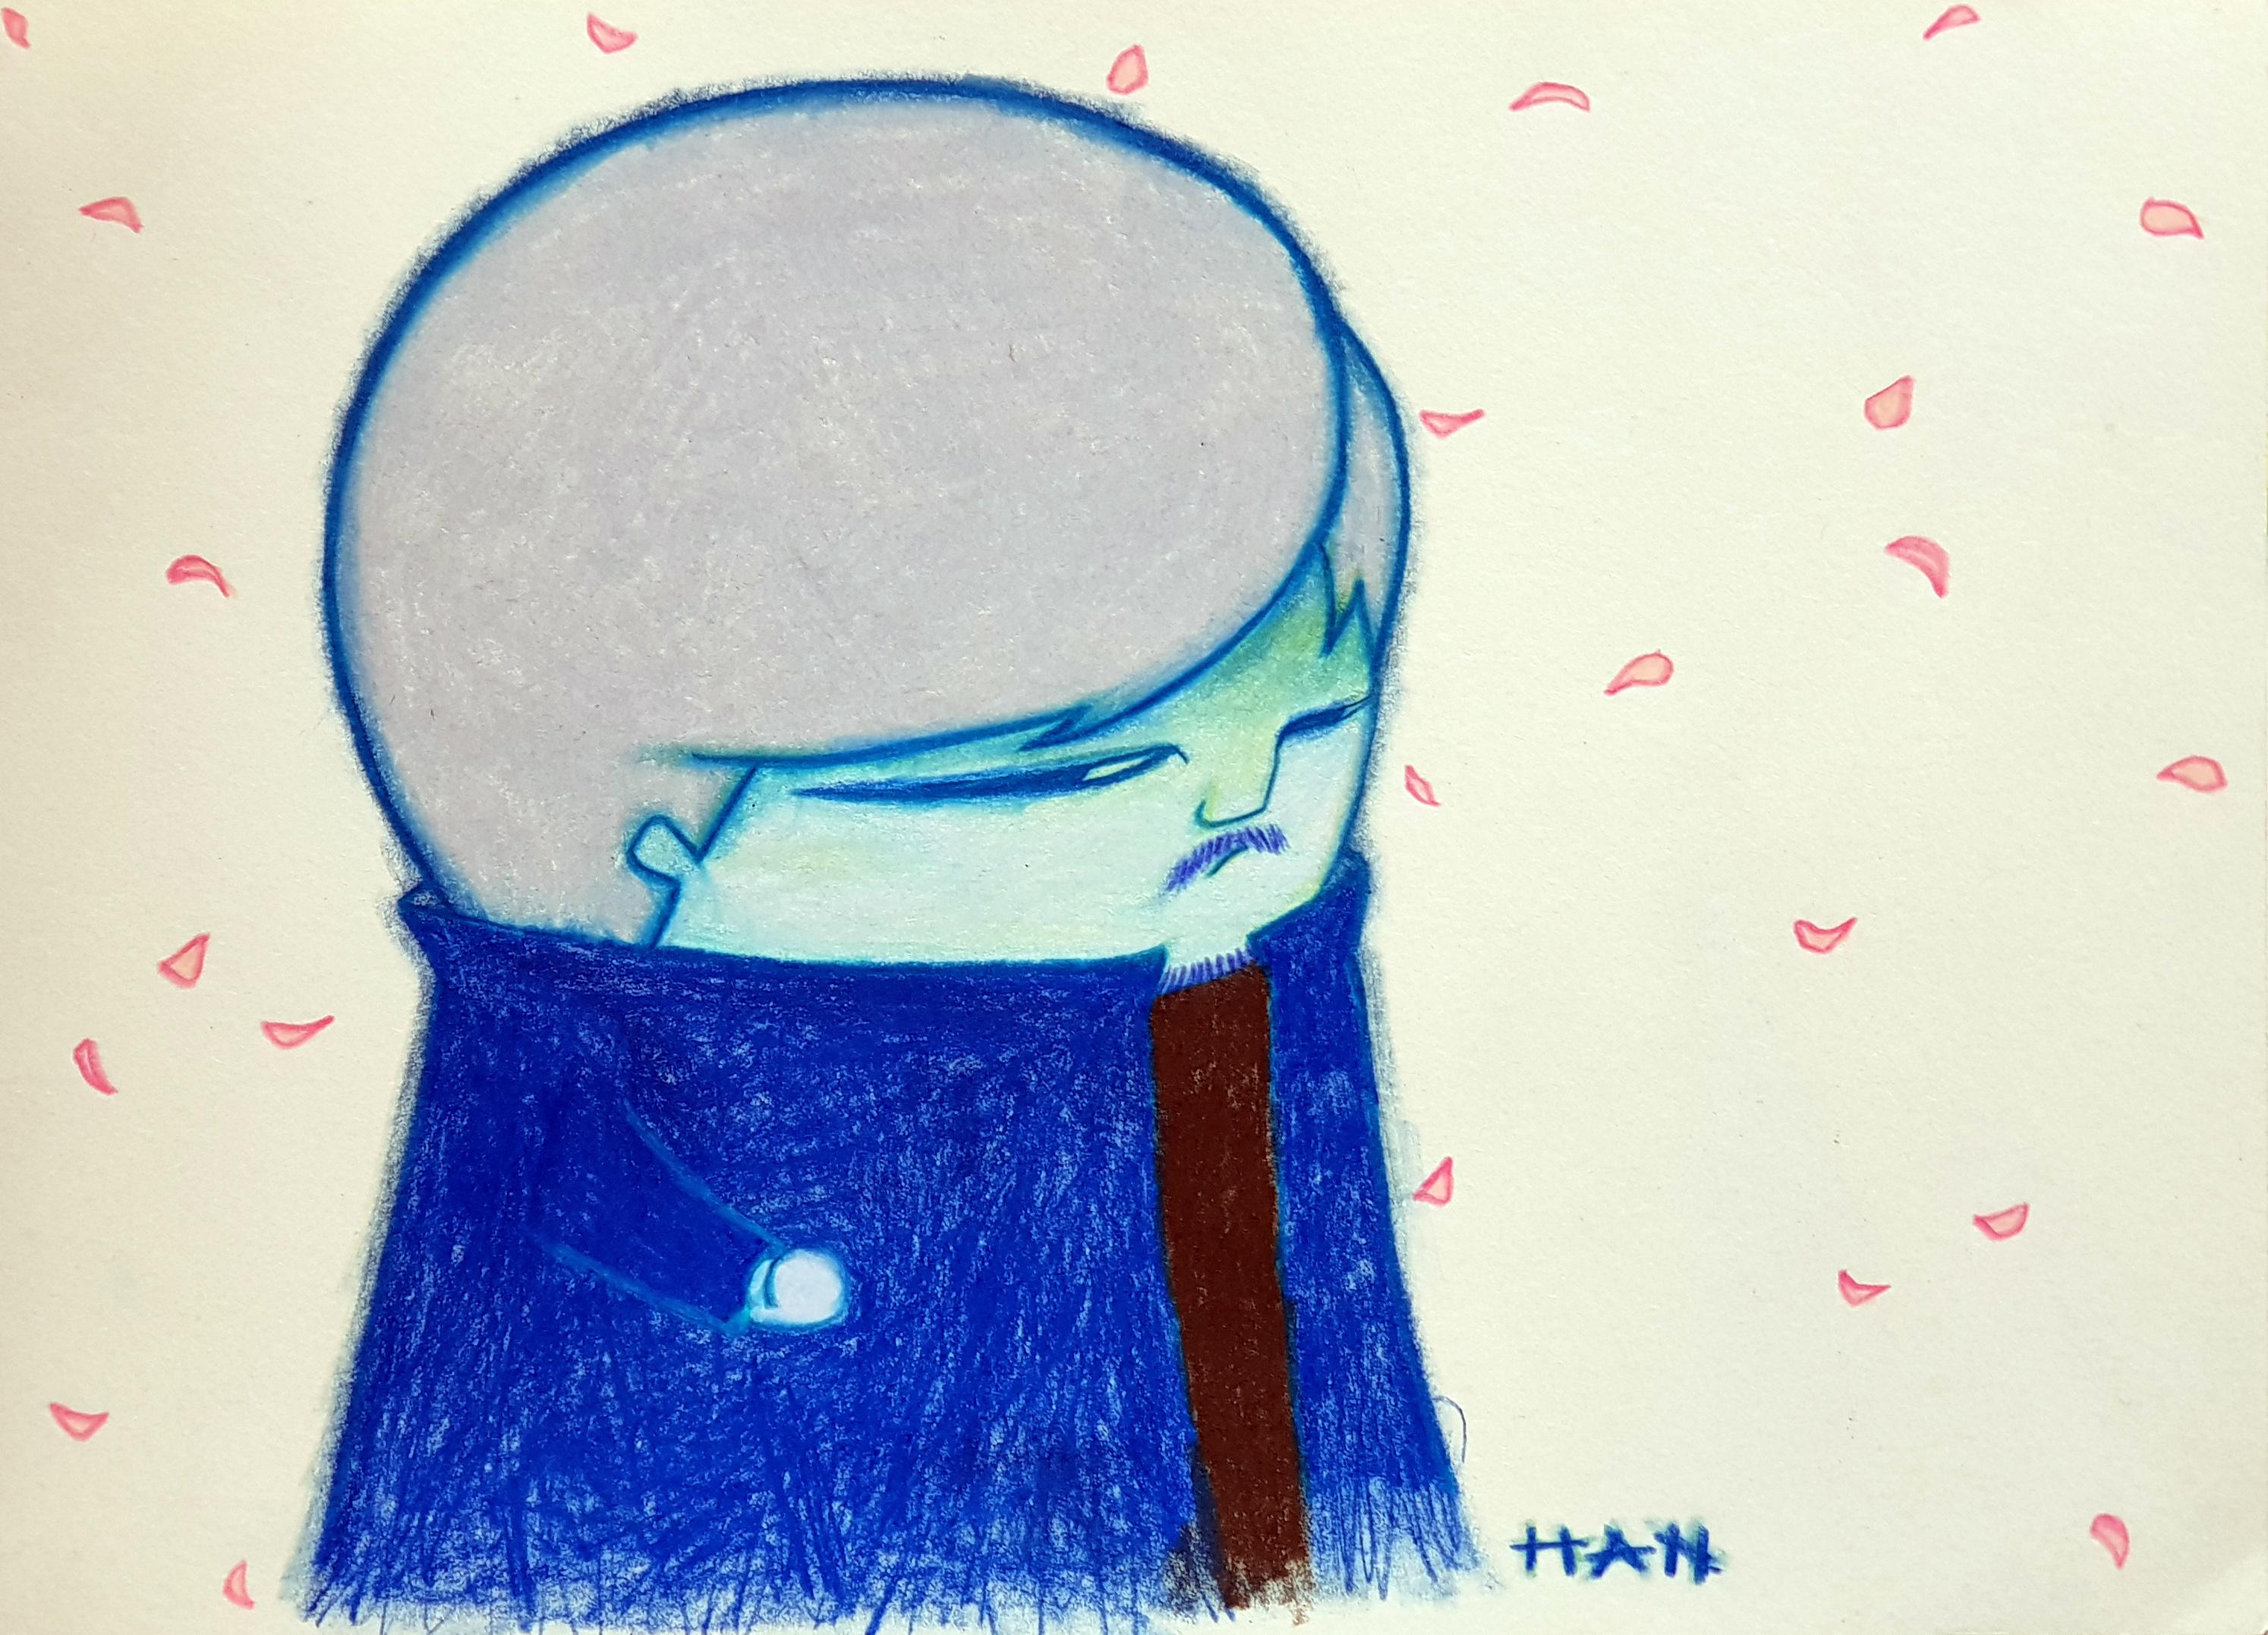 HAN, Choong-seok 韓忠錫 한충석 